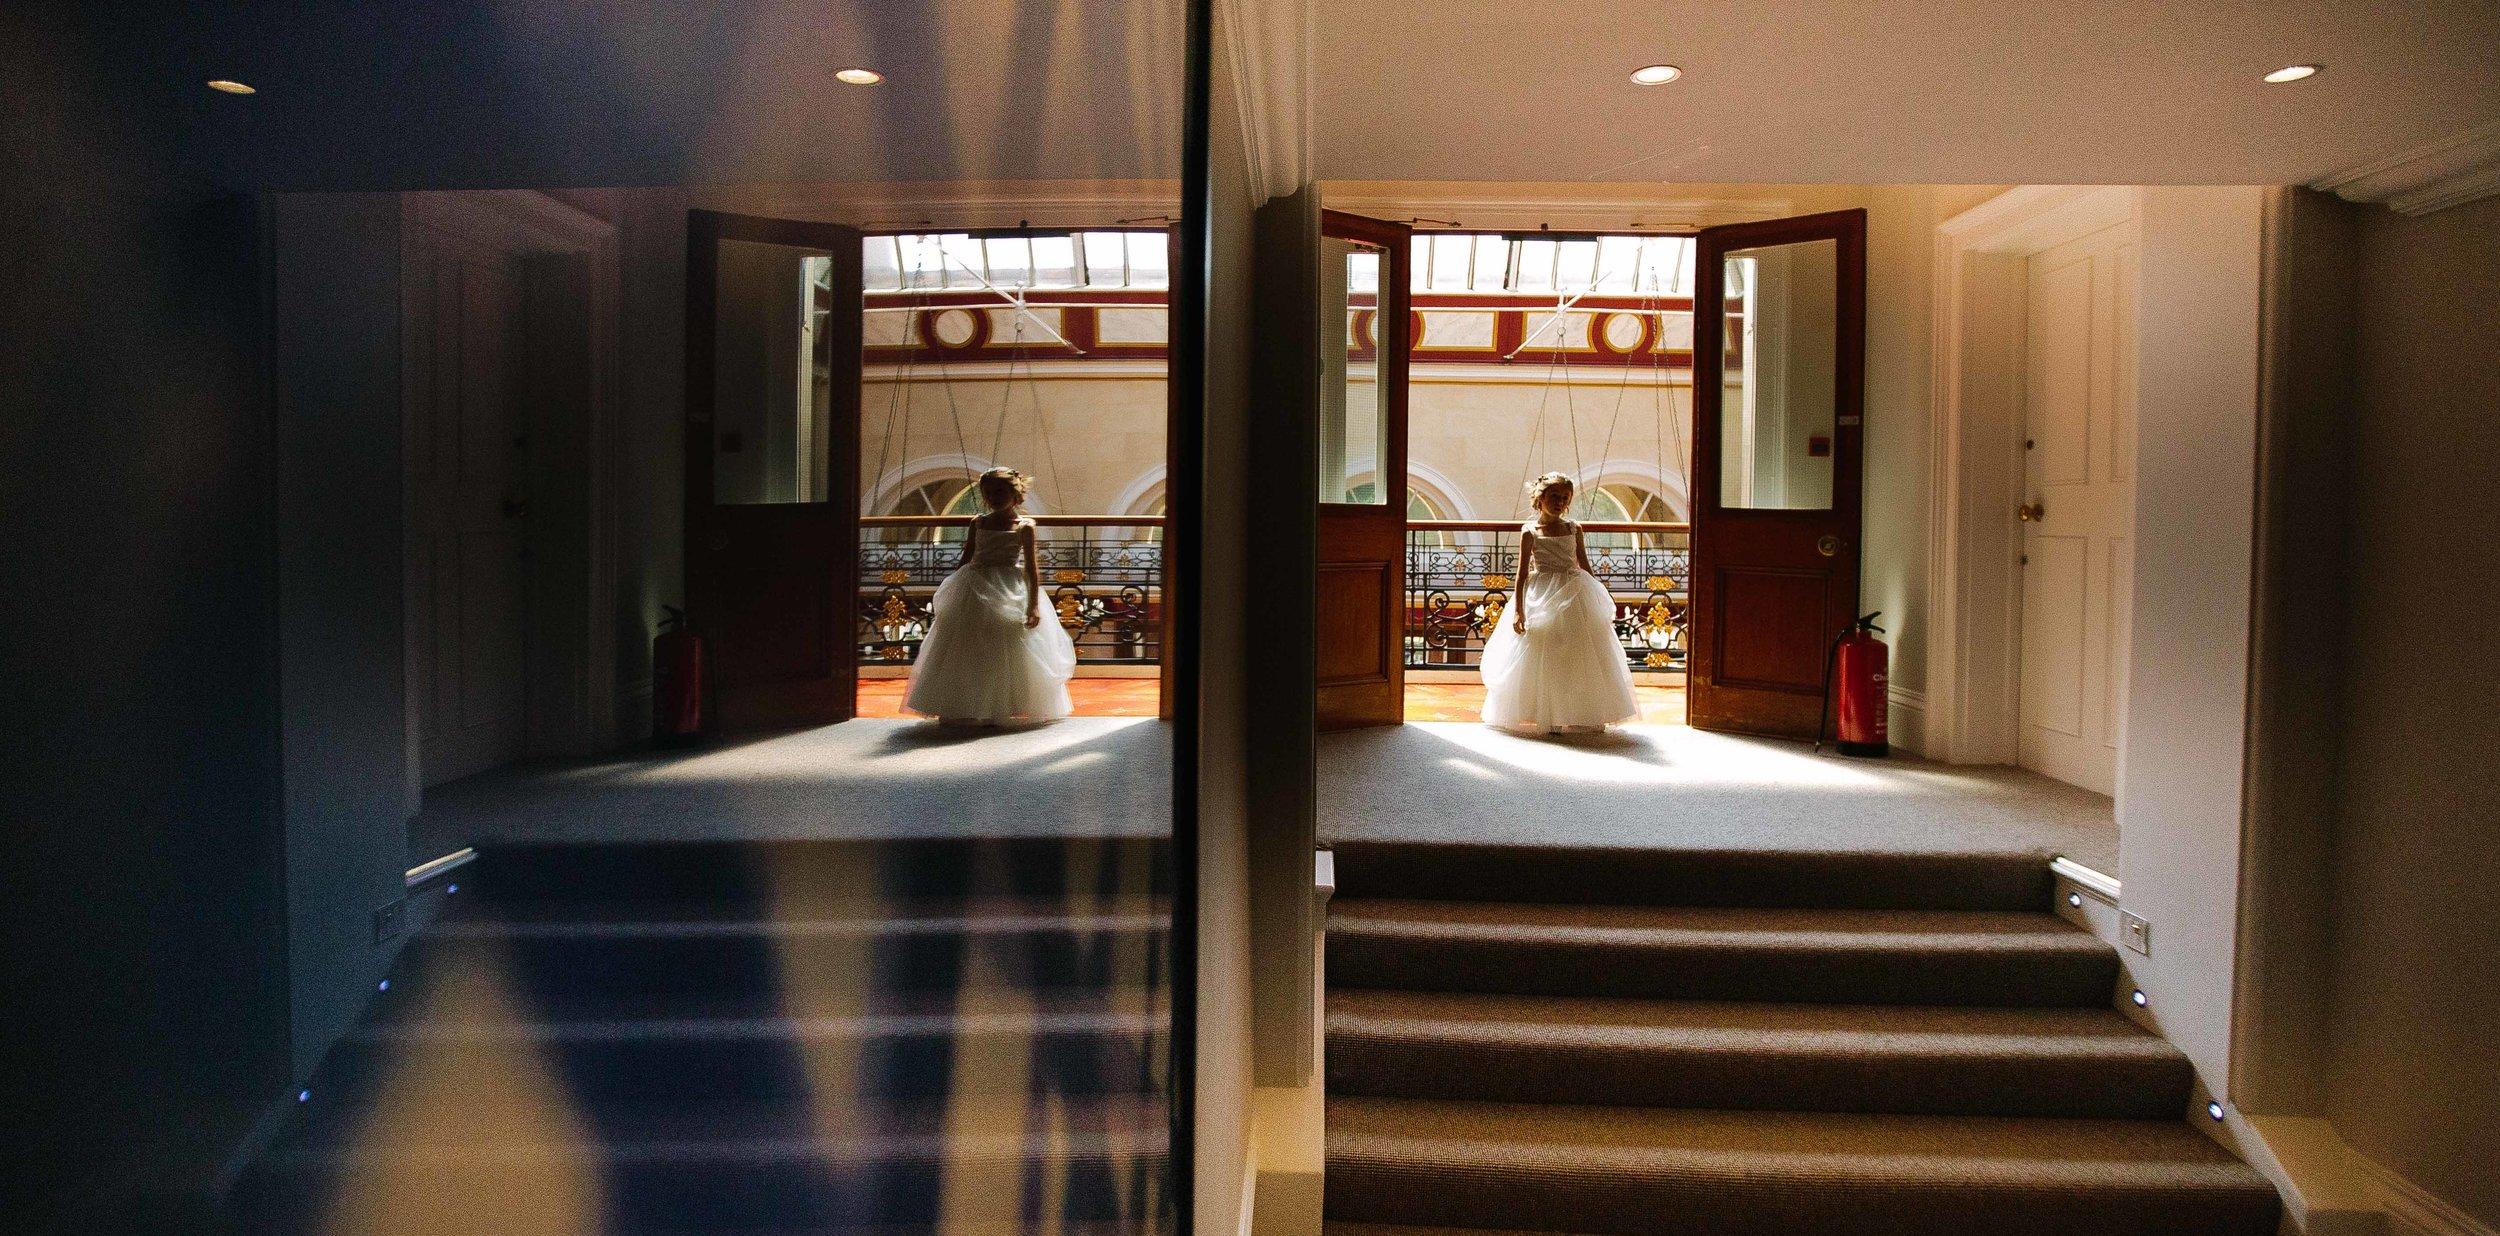 HamptonCourt-Wedding-Weybridge-Surrey-London-OatlandsParkHotel-08